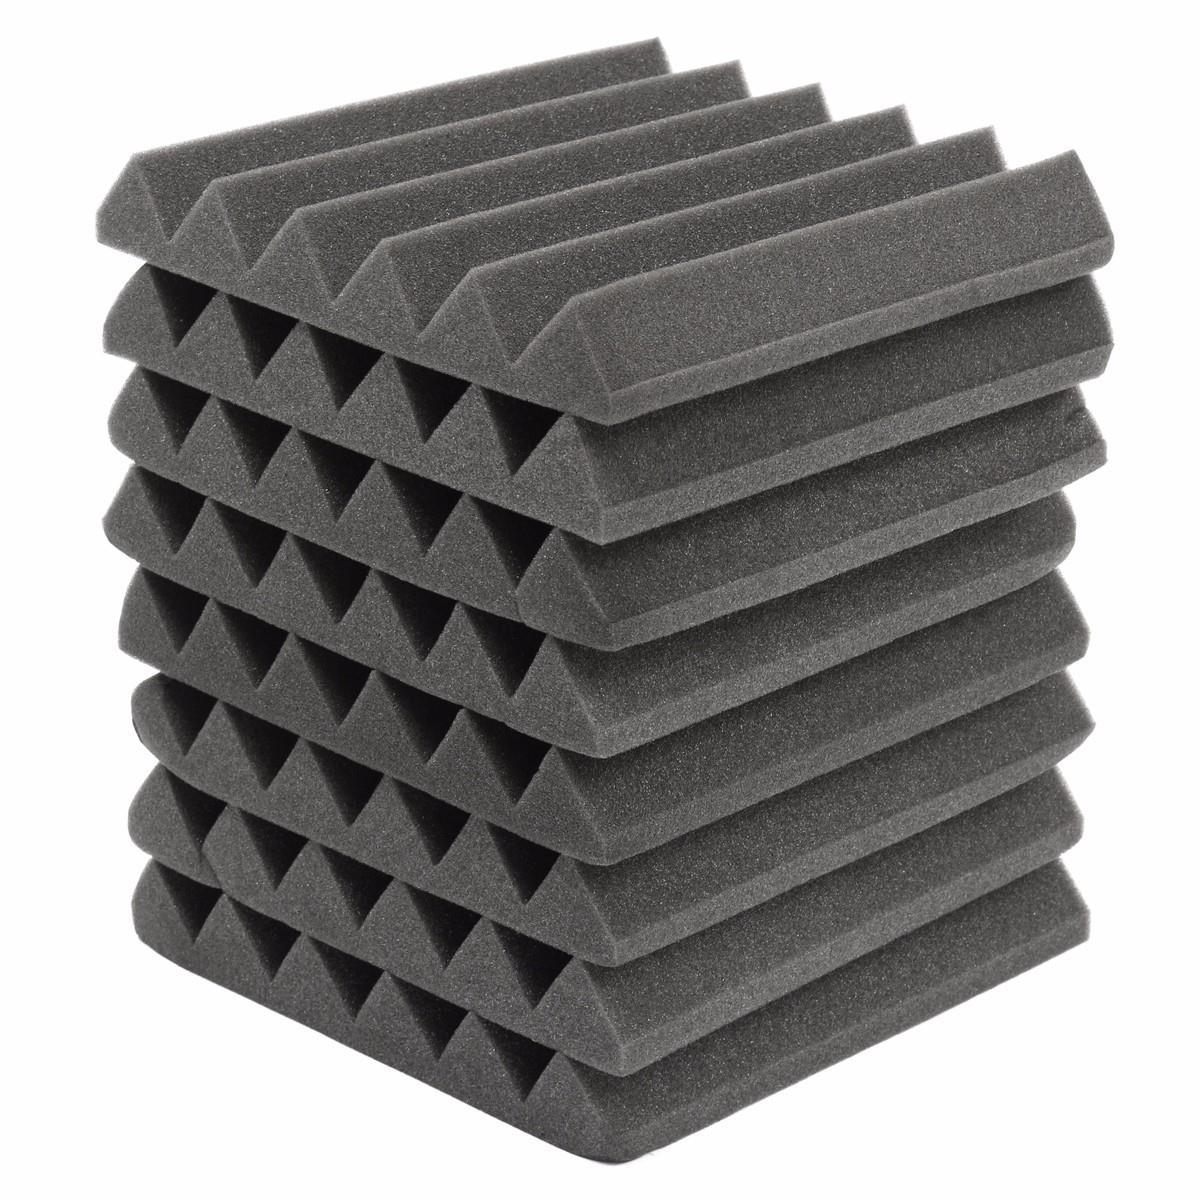 ⑤8 Stks 305x305x45mm Geluidsisolatie Foam Akoestische Foam Geluid ...